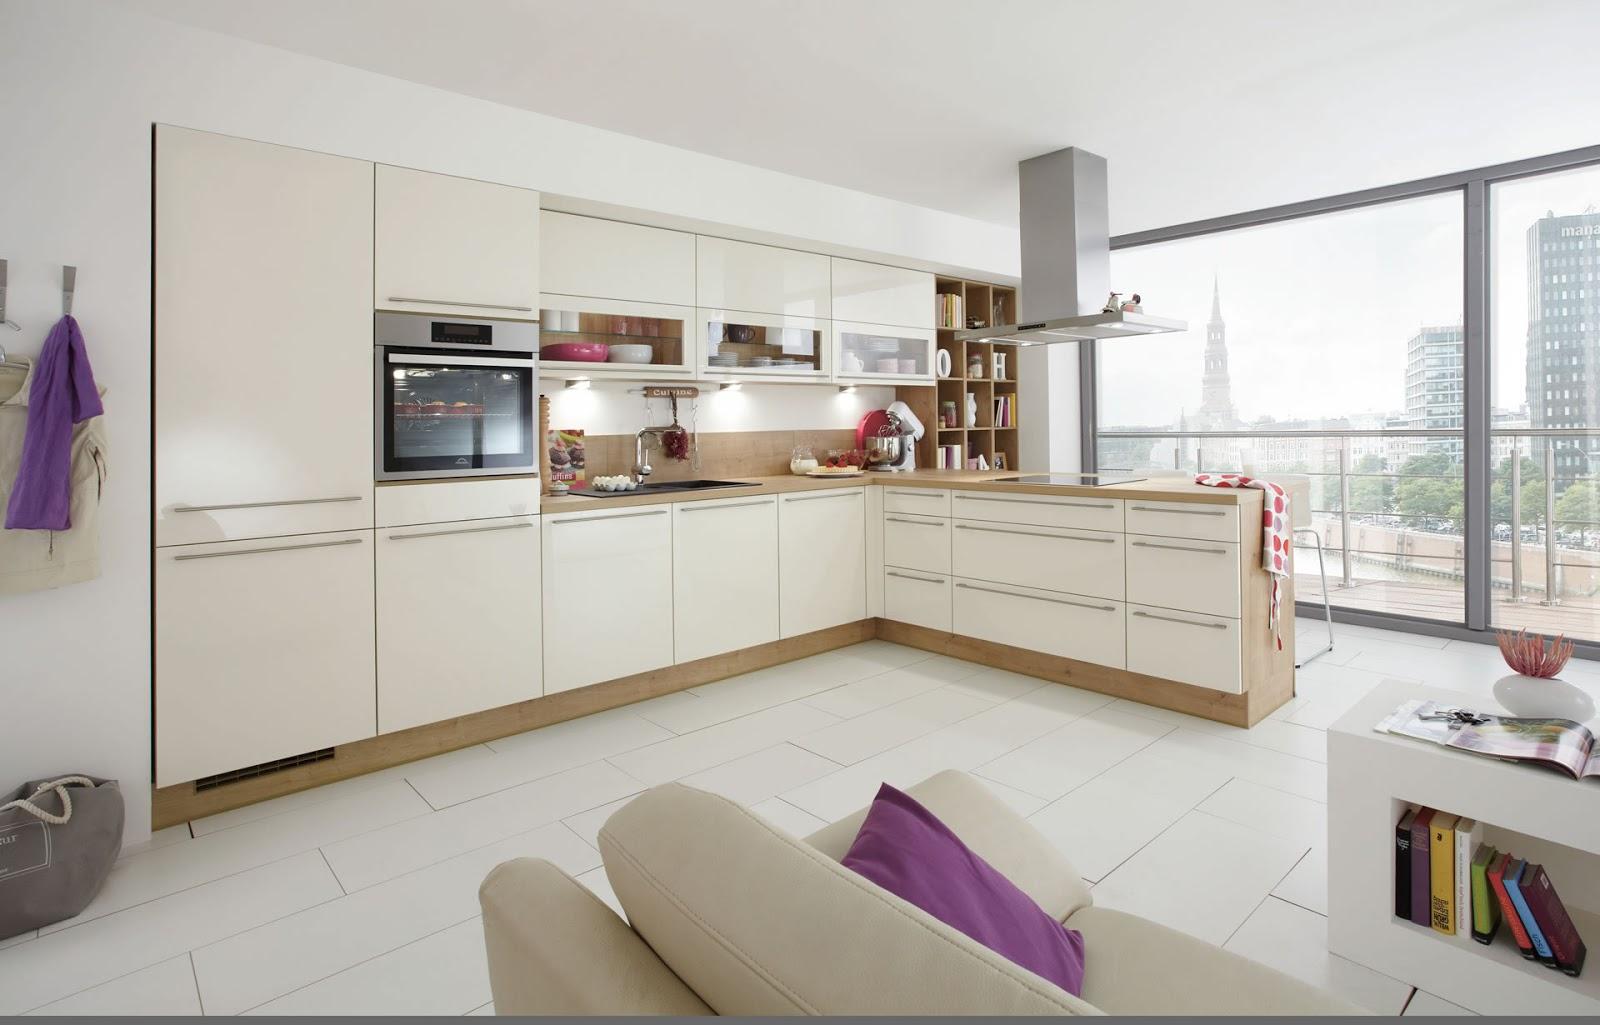 la cocina debe estar en armona con el resto de tendencias de los muebles de la vivienda mxime cuando nuestra cocina es un espacio abierto y debe combinar